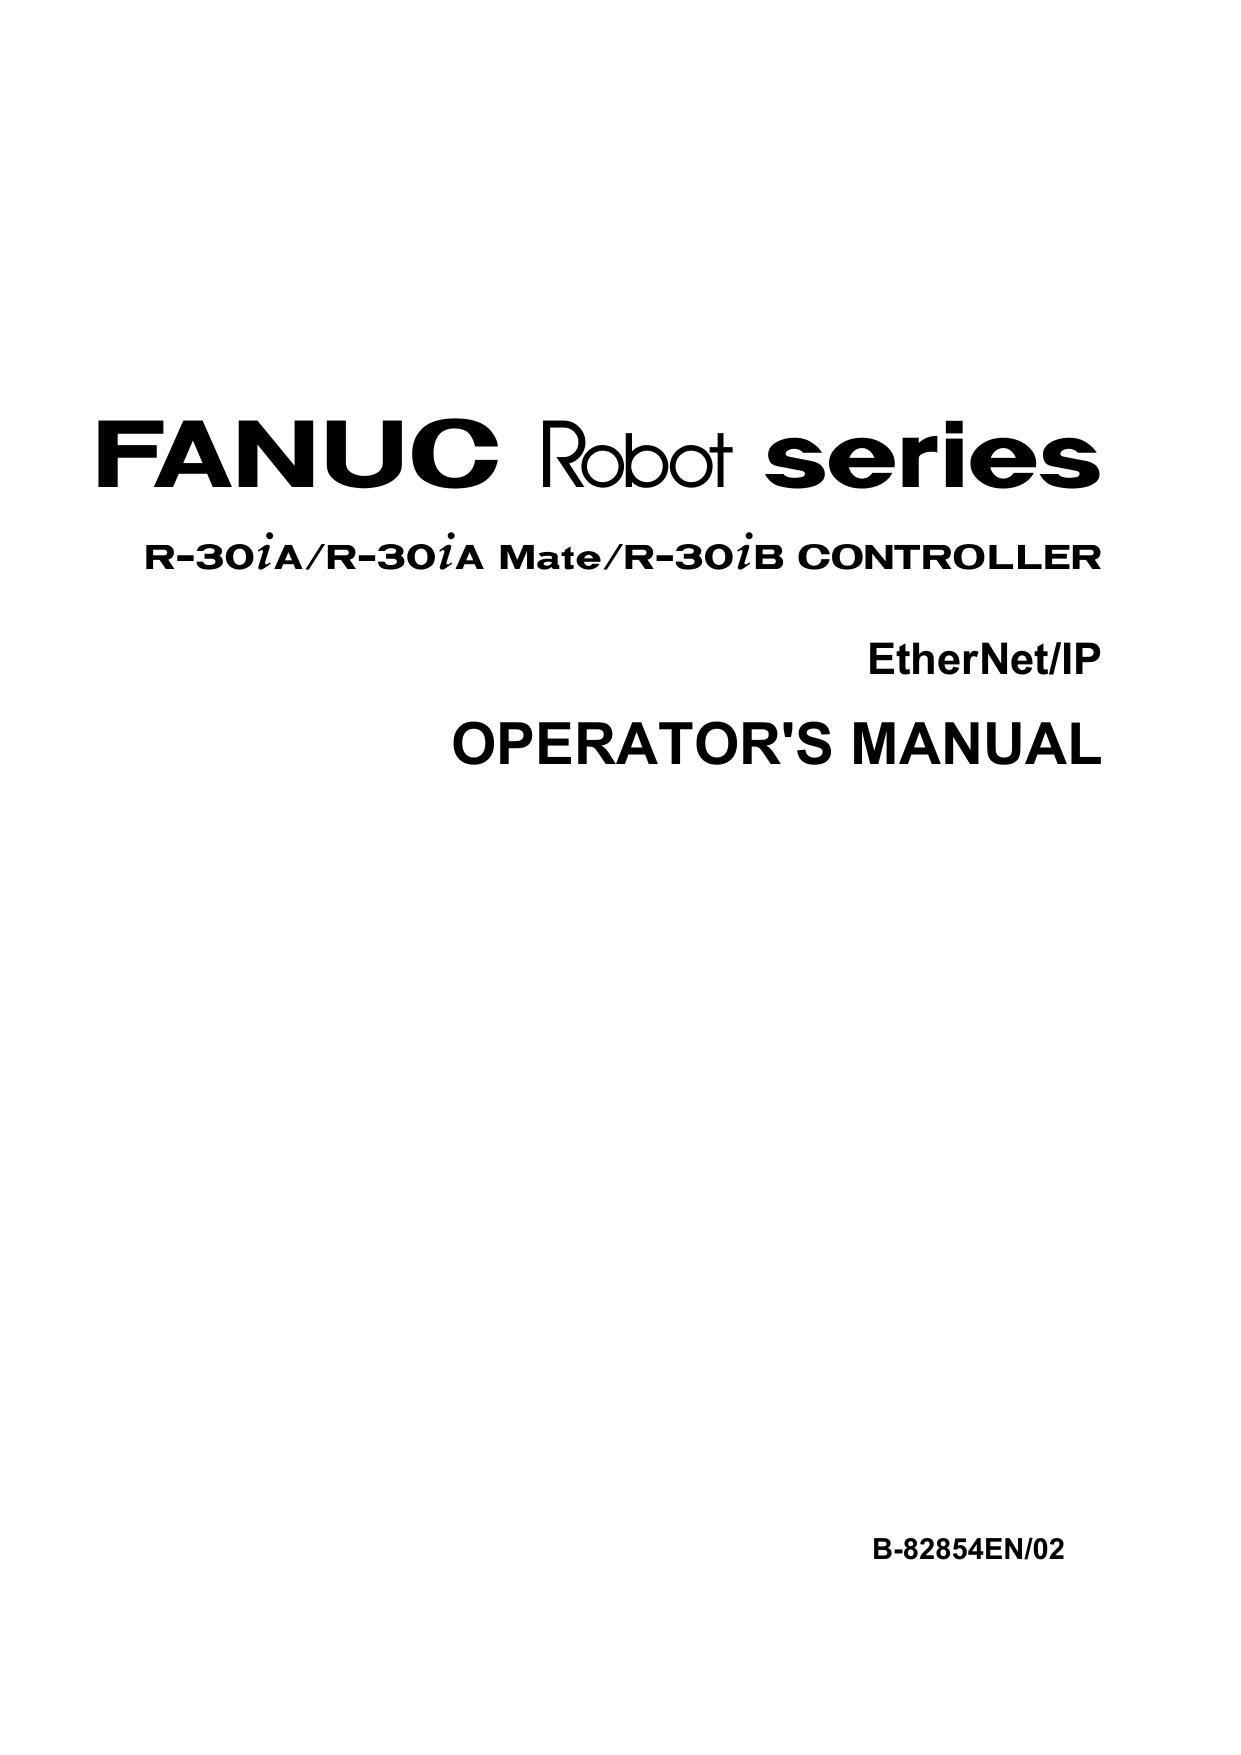 FANUC Robot series R-30iA/R-30iA Mate/R   manualzz com